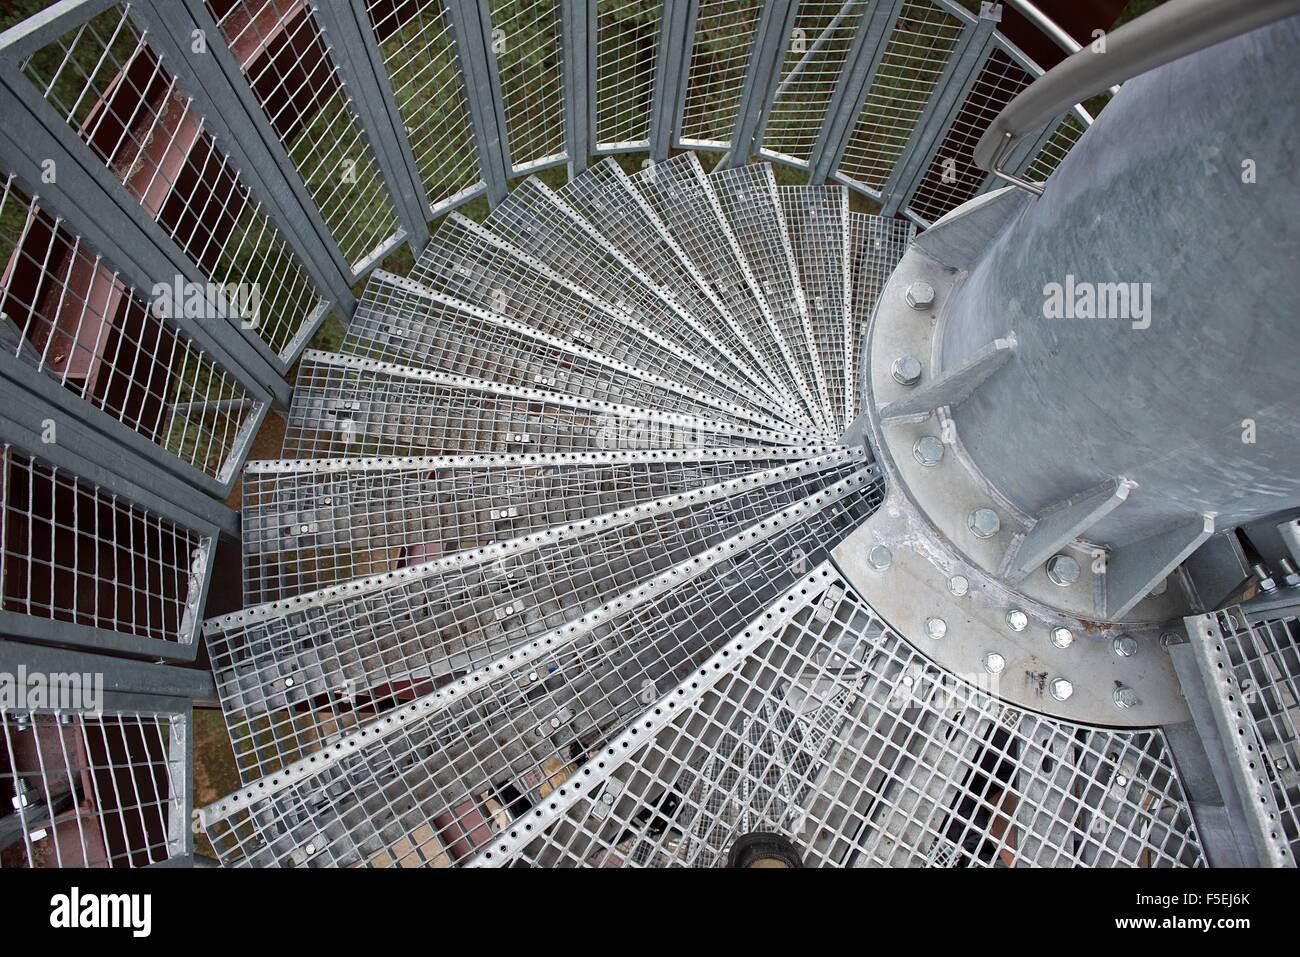 Point de vue personnel d'un métal en colimaçon Photo Stock